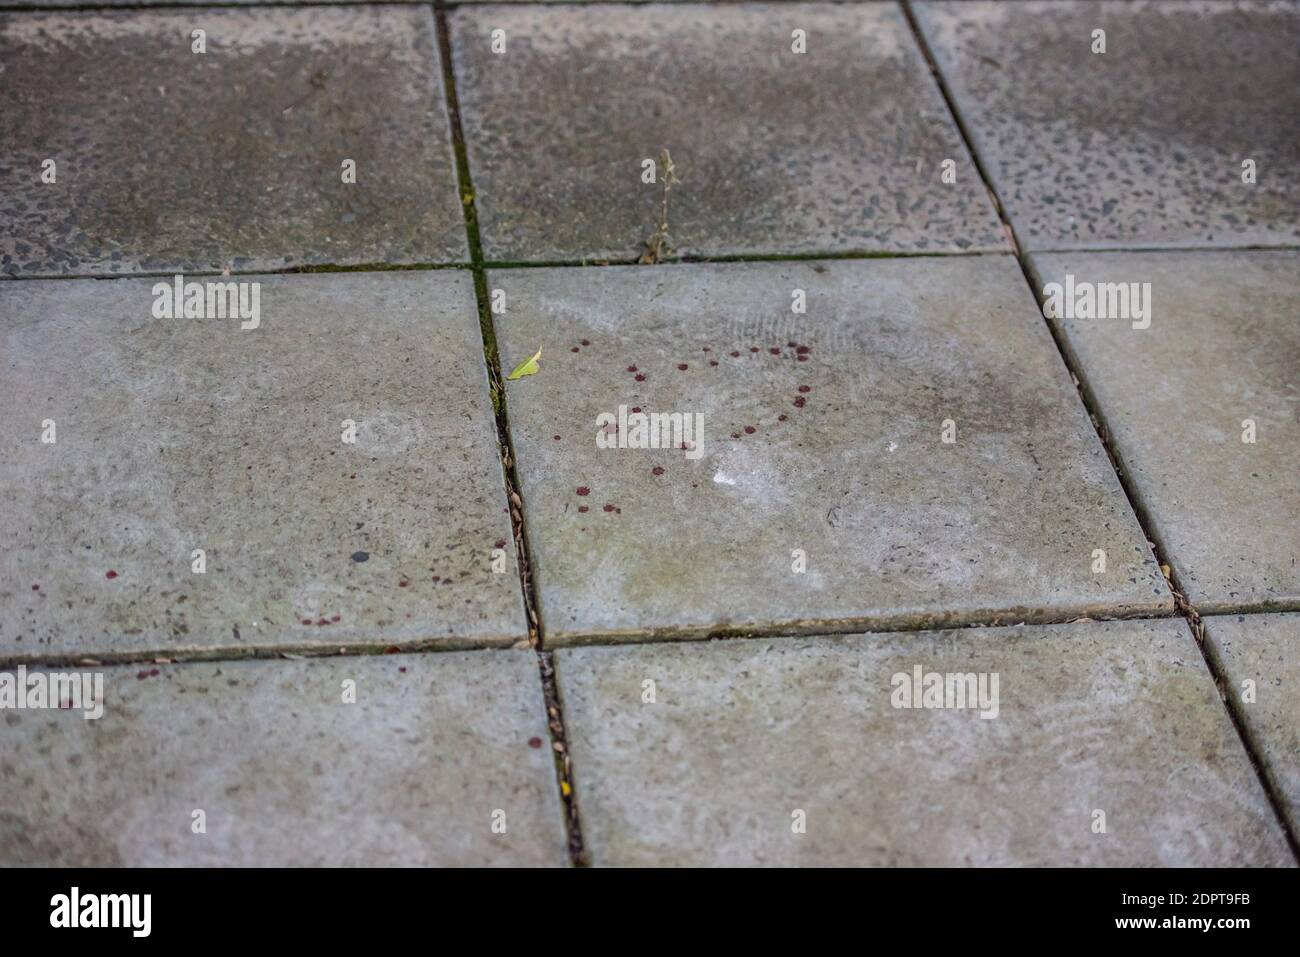 """Melbourne, Australia. 19 de diciembre de 2020. Quedan marcas de sangre en la carretera de ladrillo en un callejón cerca del famoso lugar nocturno.SE encontró A un hombre con graves lesiones en las manos y después de una investigación policial se encontró que era un """"incidente médico"""" donde las lesiones eran informes de la policía autoinfligidos. Crédito: SOPA Images Limited/Alamy Live News Foto de stock"""